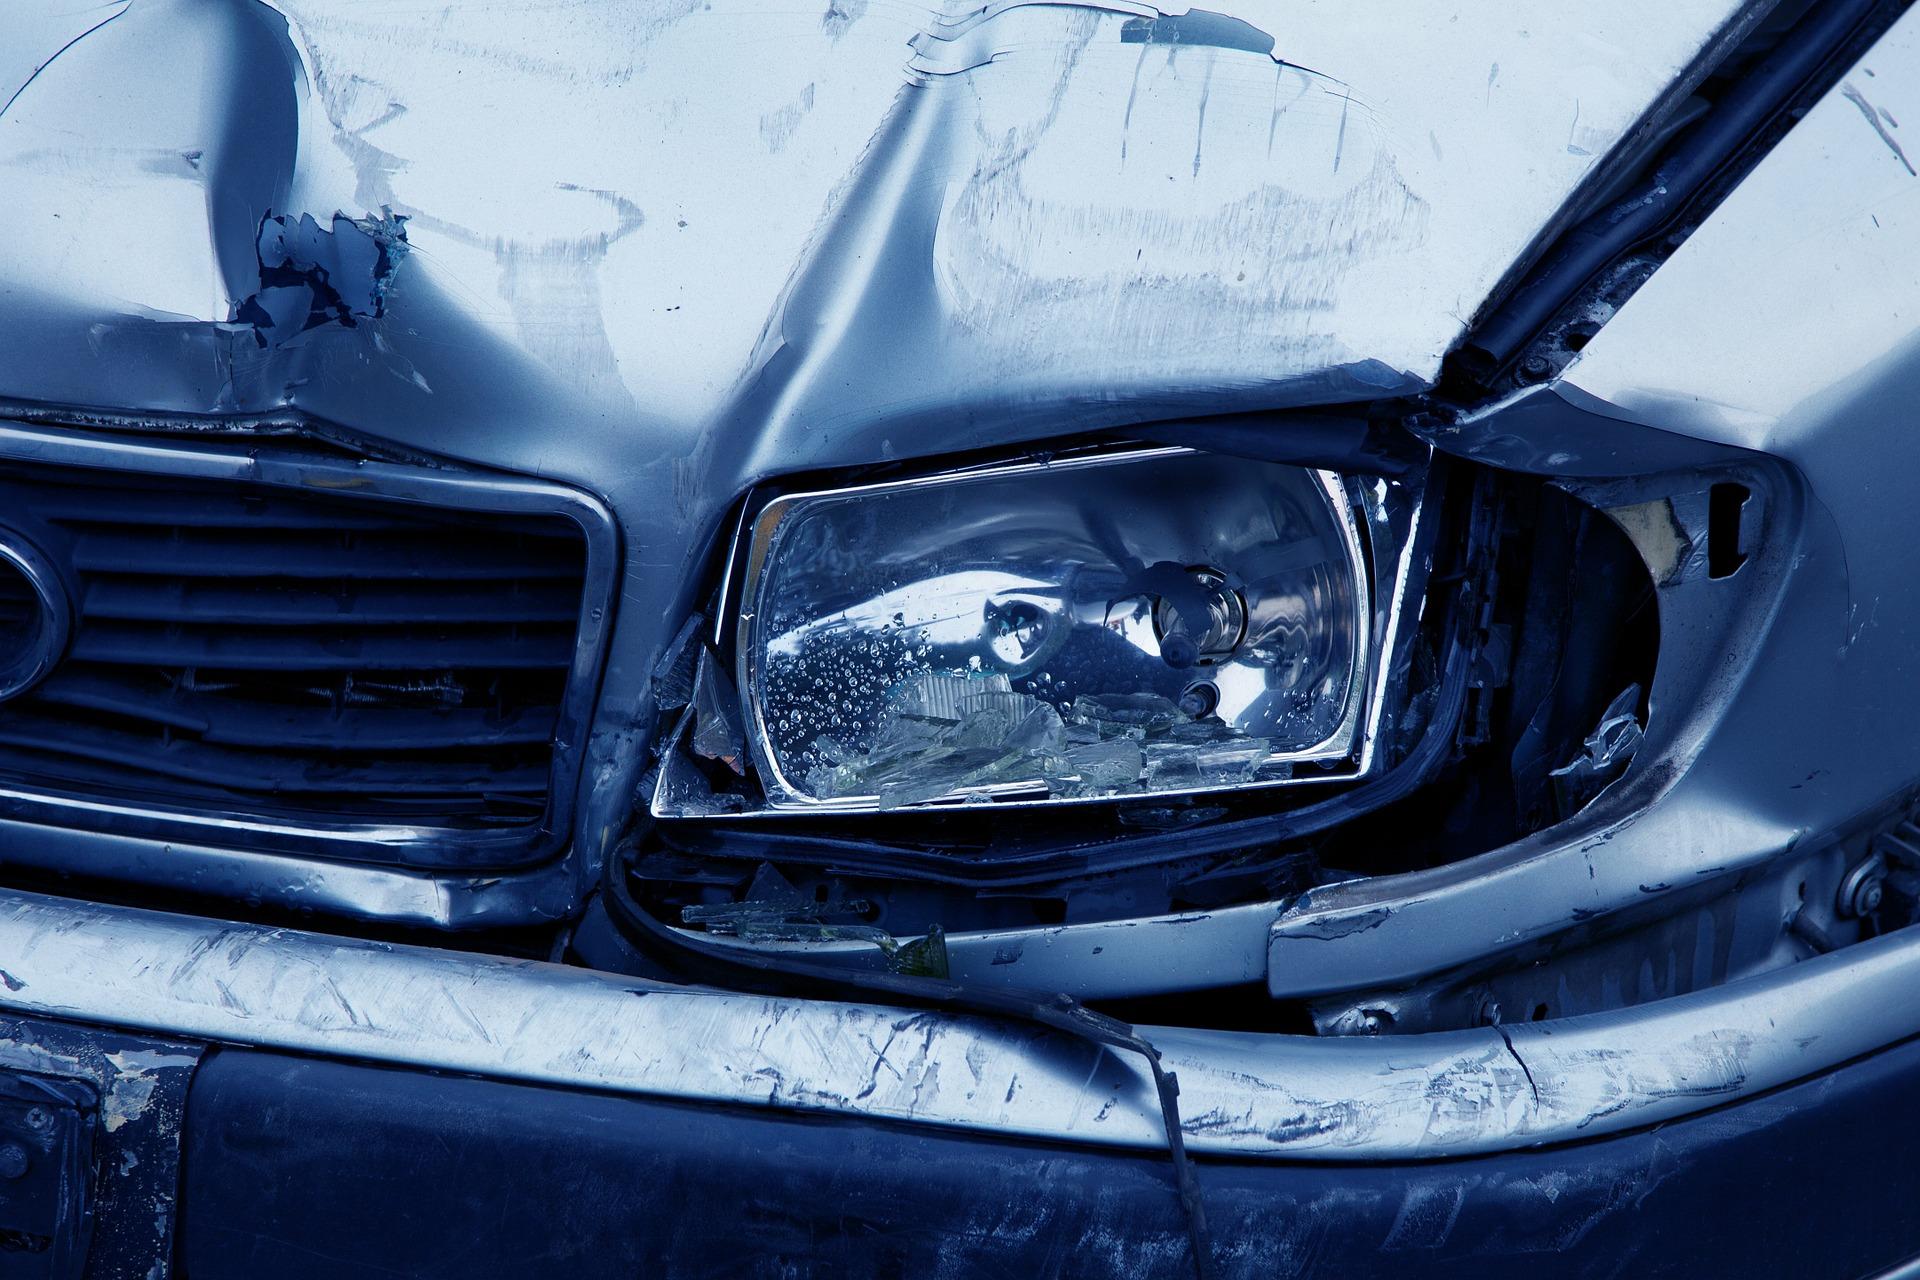 Front light of car after crash.